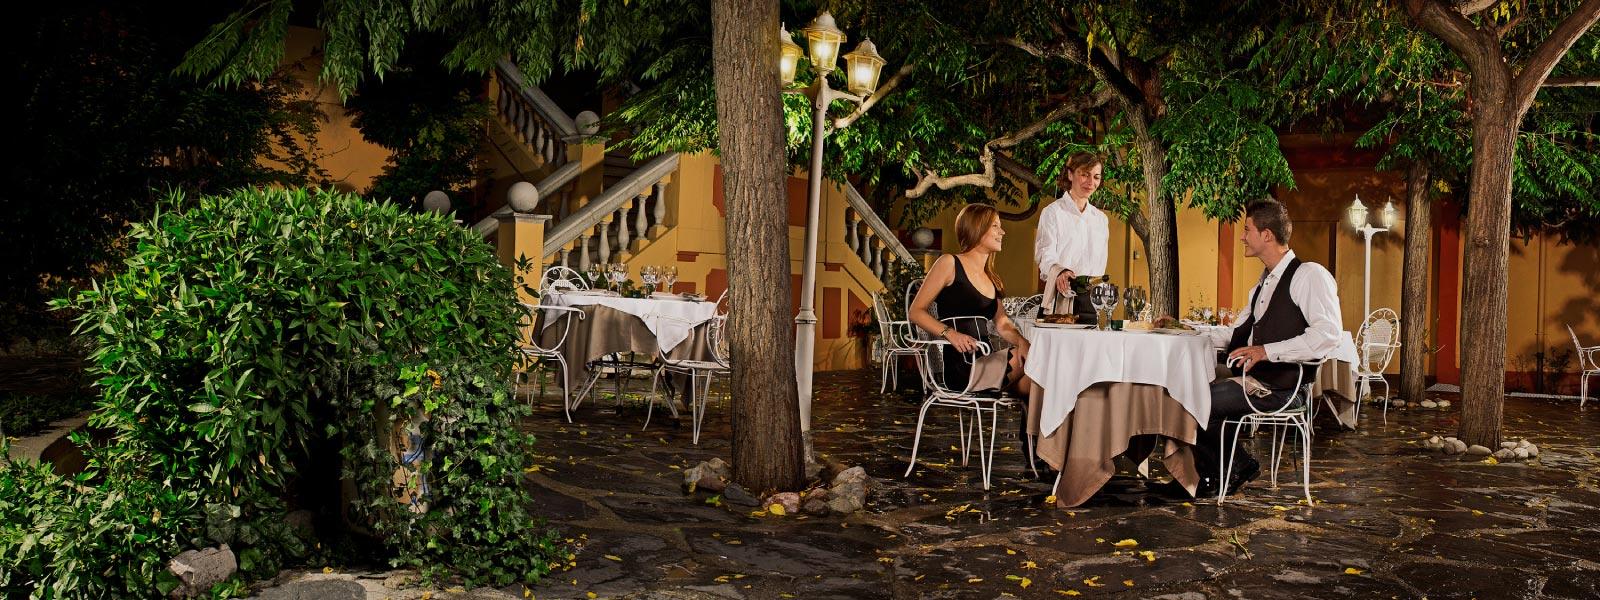 Hotel In La Seu D Urgell Hotel Andria # Muebles Seu D'Urgell